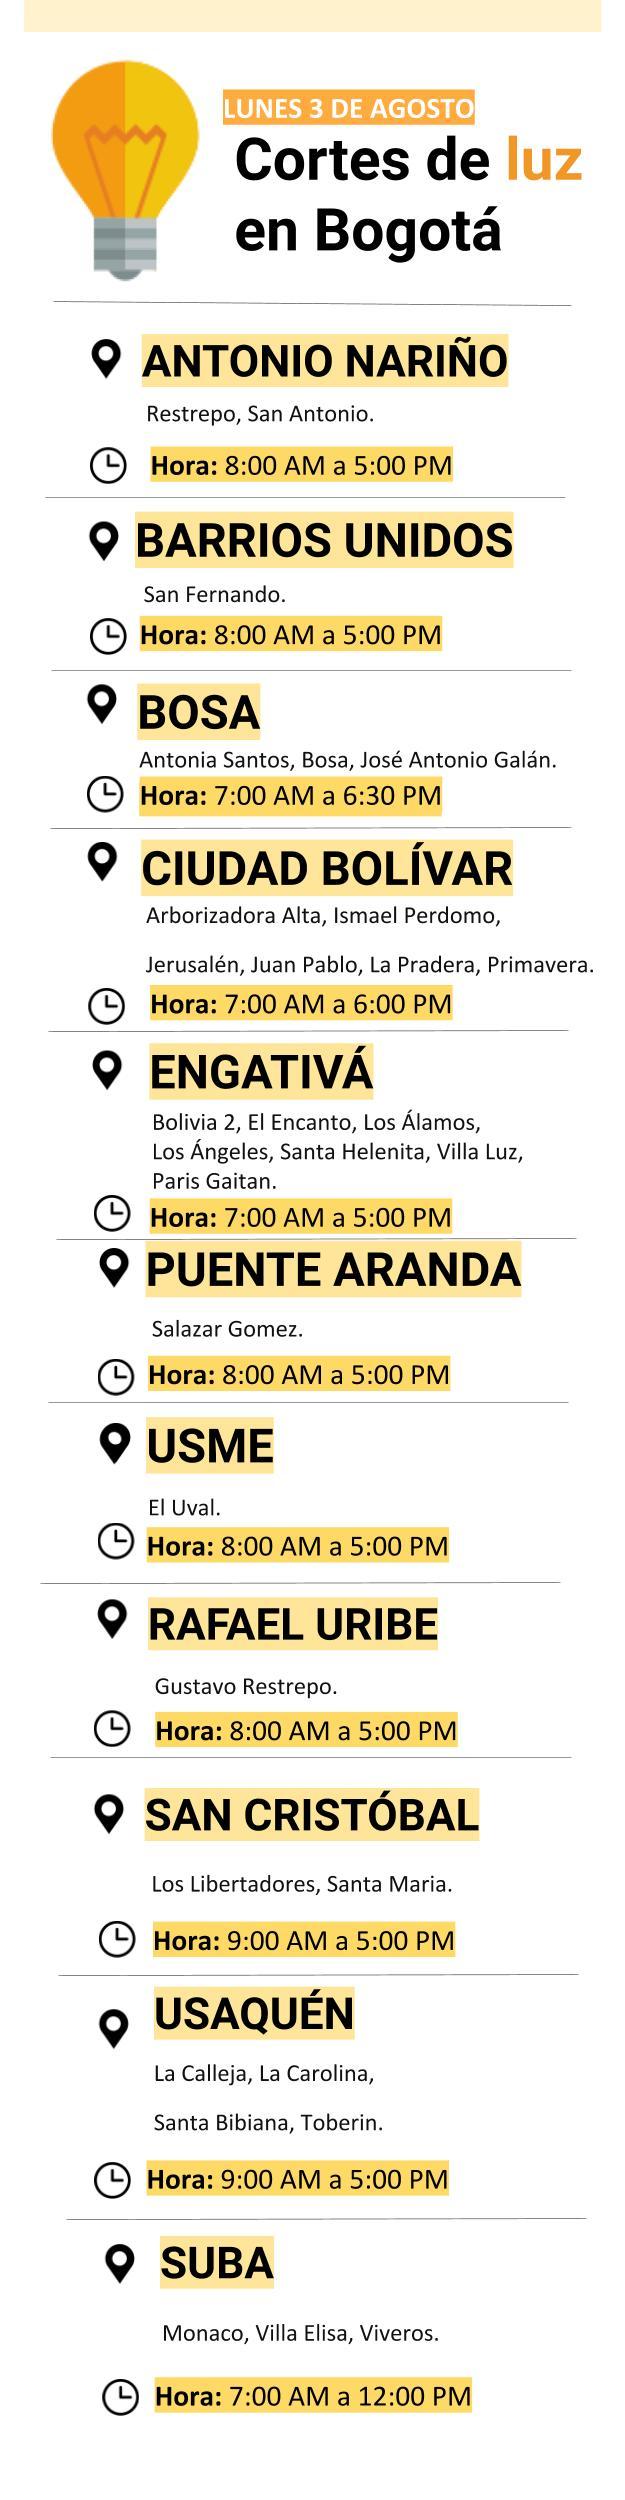 Cortes de luz en Bogotá para el 3 de agosto